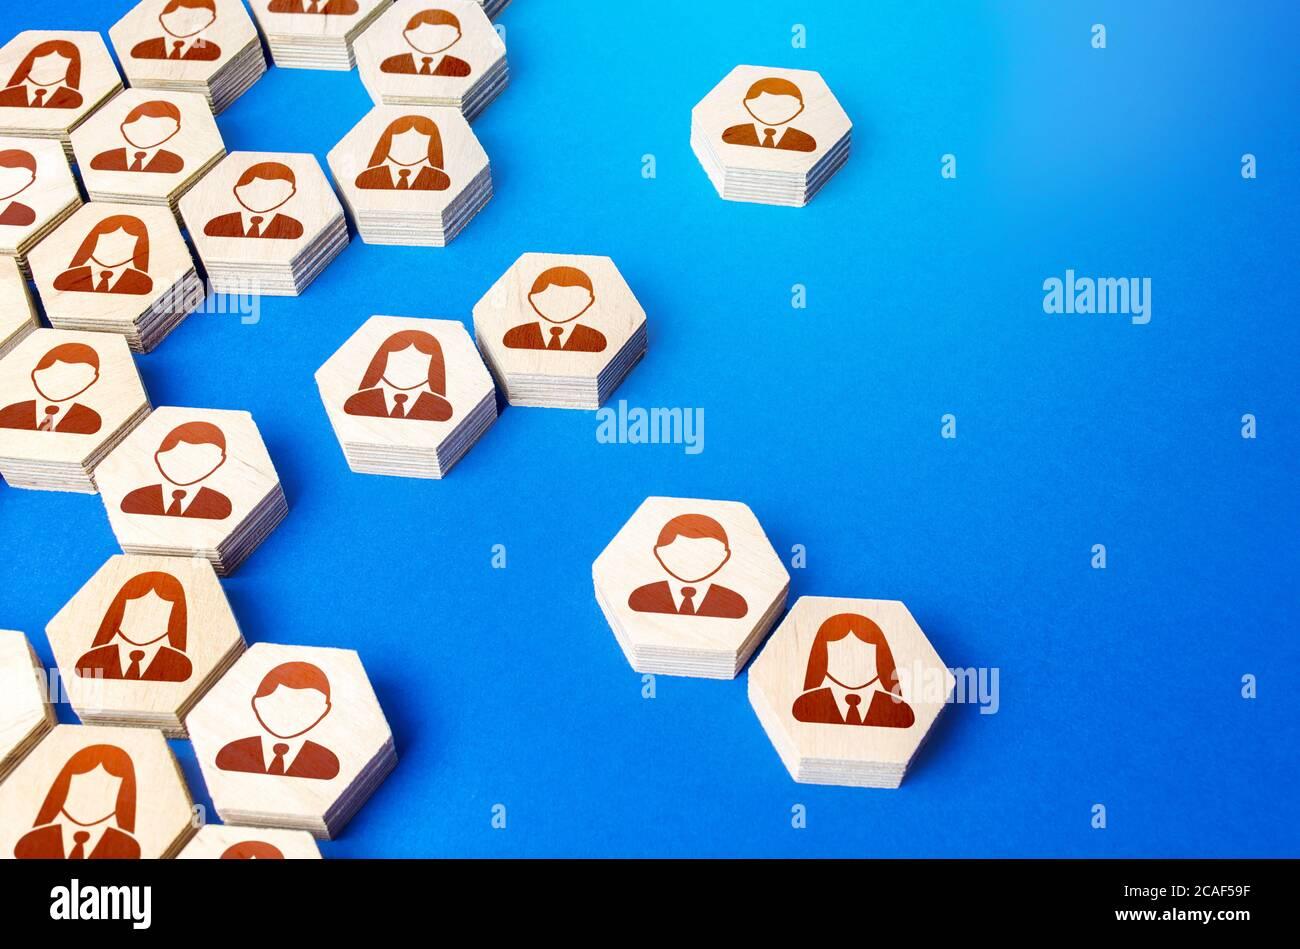 Heterogene soziale Struktur von Mitarbeiterhexagons. Personalbeschaffung und Personalmanagement. Prozess zur Erstellung einer Hierarchie oder eines COM für eine einzelne Geschäftsgruppe Stockfoto